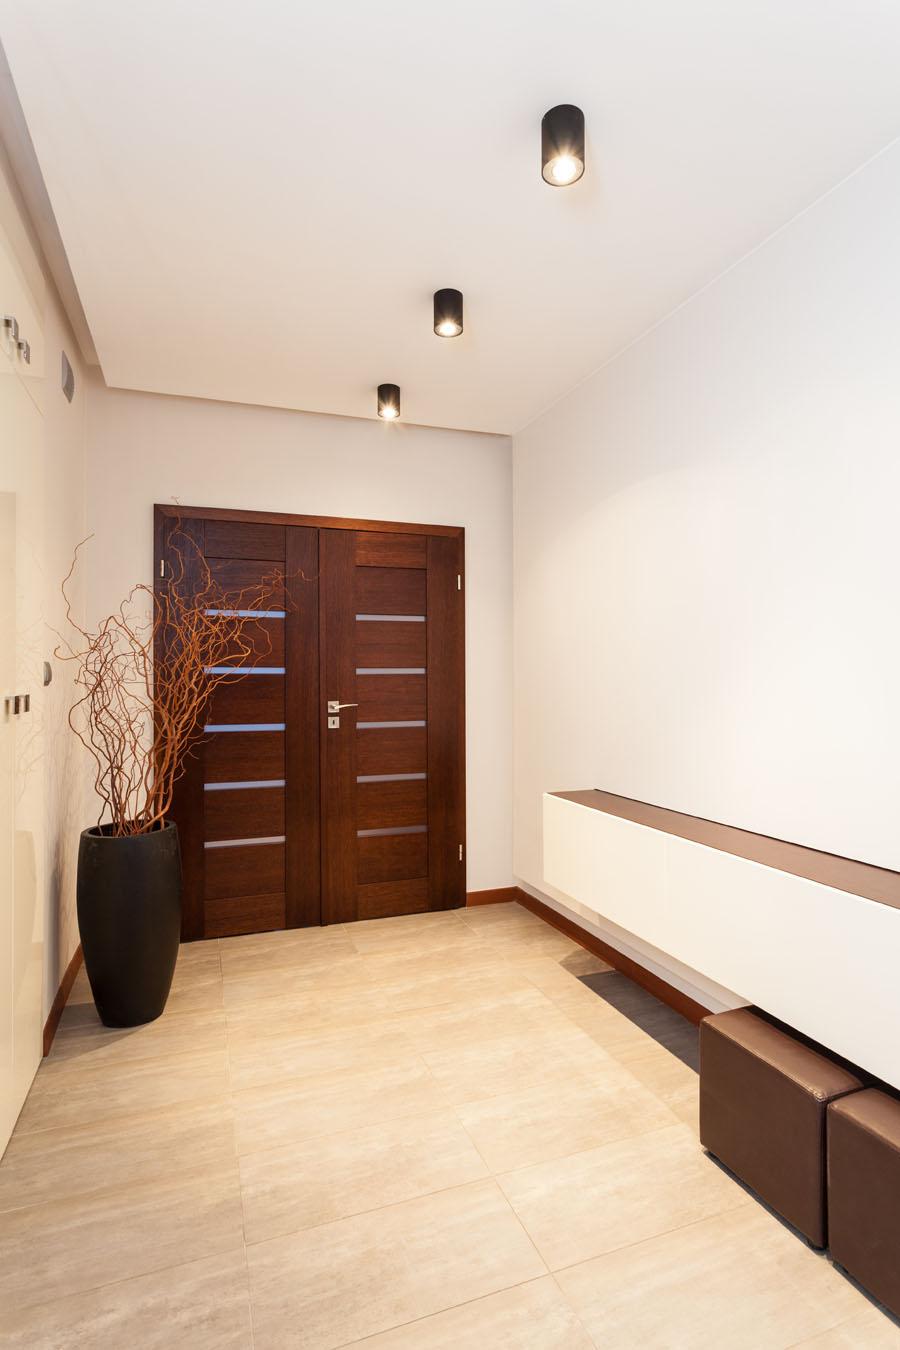 Drvo-u-ulaznim-prostorijama-hodnik